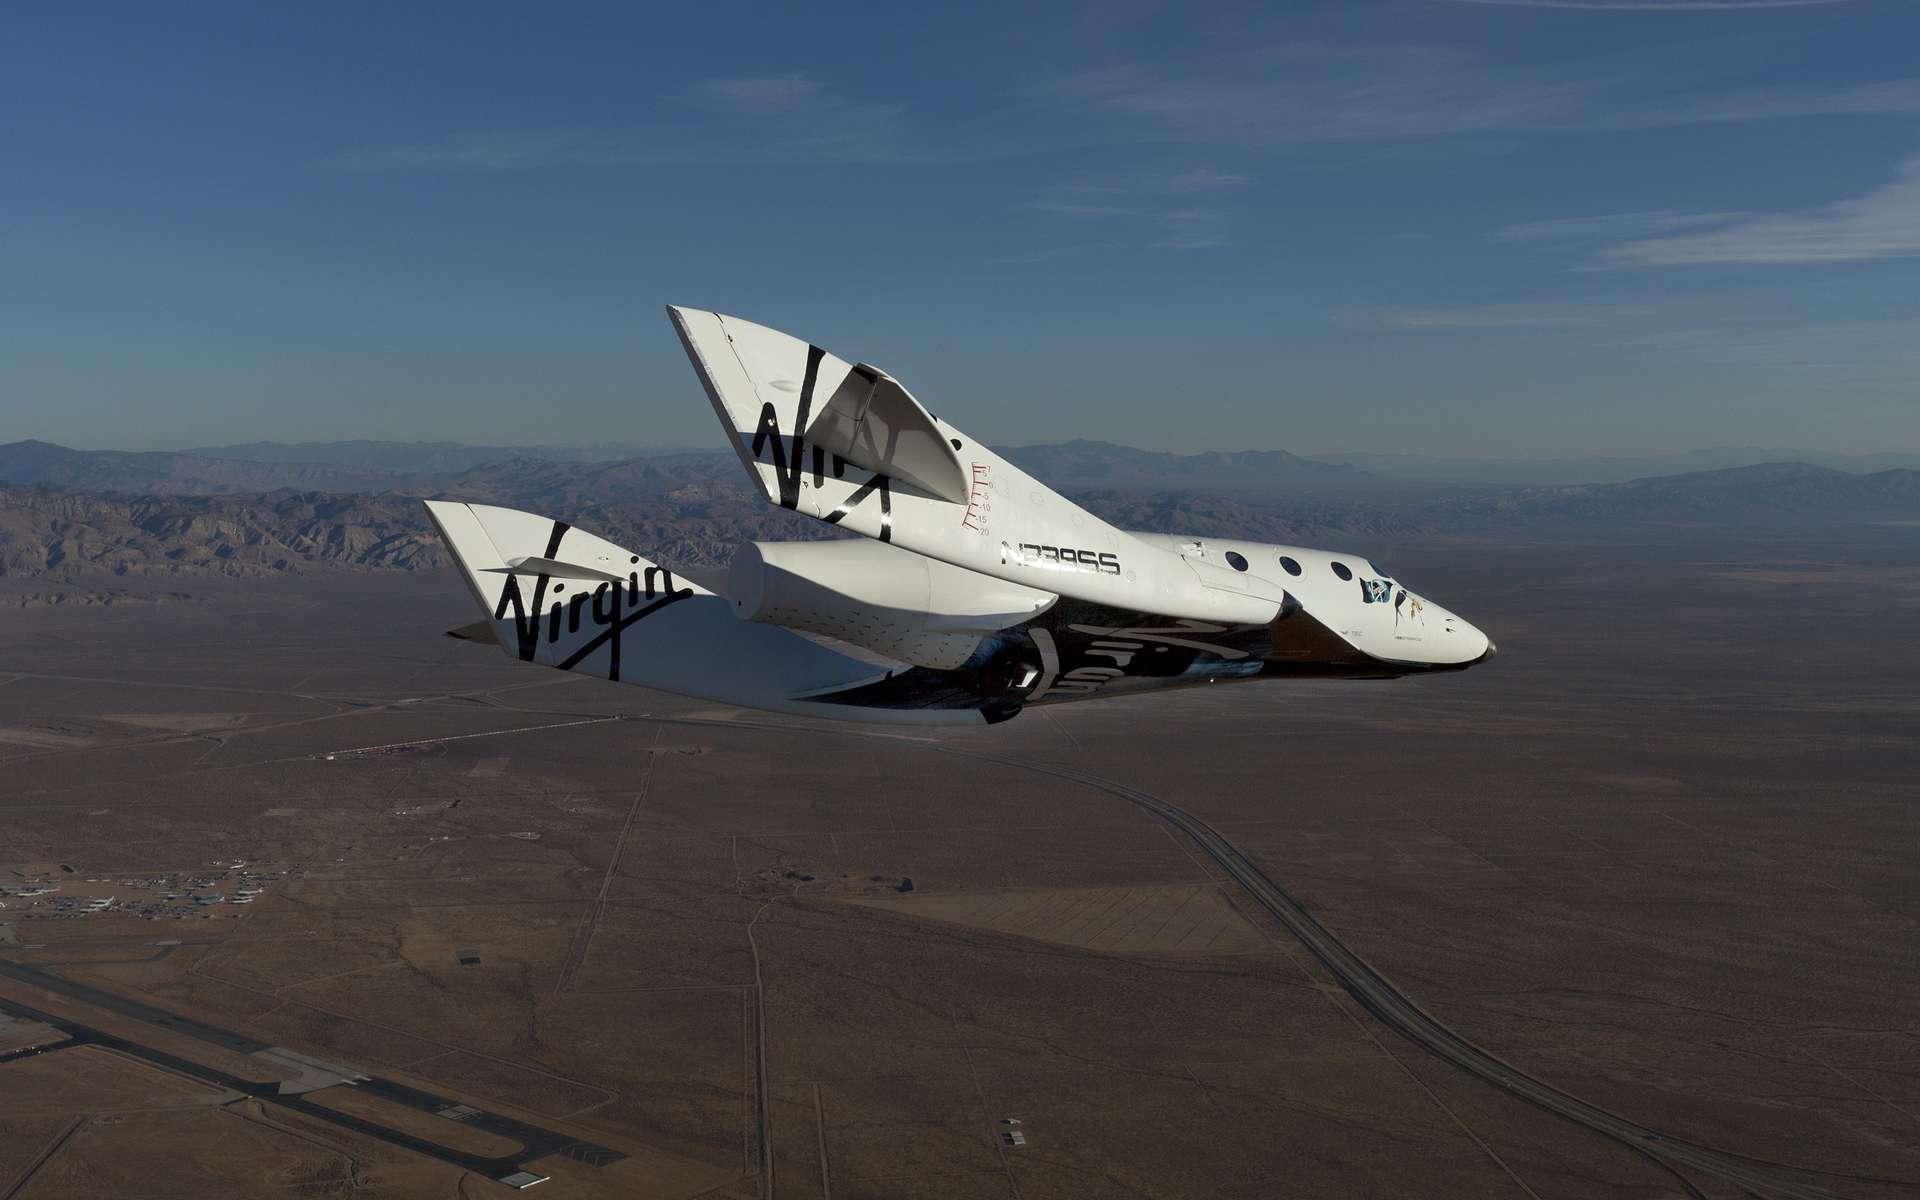 Le SpaceShipTwo lors de l'un de ses premiers vols alors qu'il n'était pas encore équipé de son moteur. Largué de l'avion porteur WhiteKnightTwo, il regagnait la piste de Virgin Galactic en vol plané. Les essais pour mettre au point ce concept original sont nécessairement longs. © Virgin Galactic